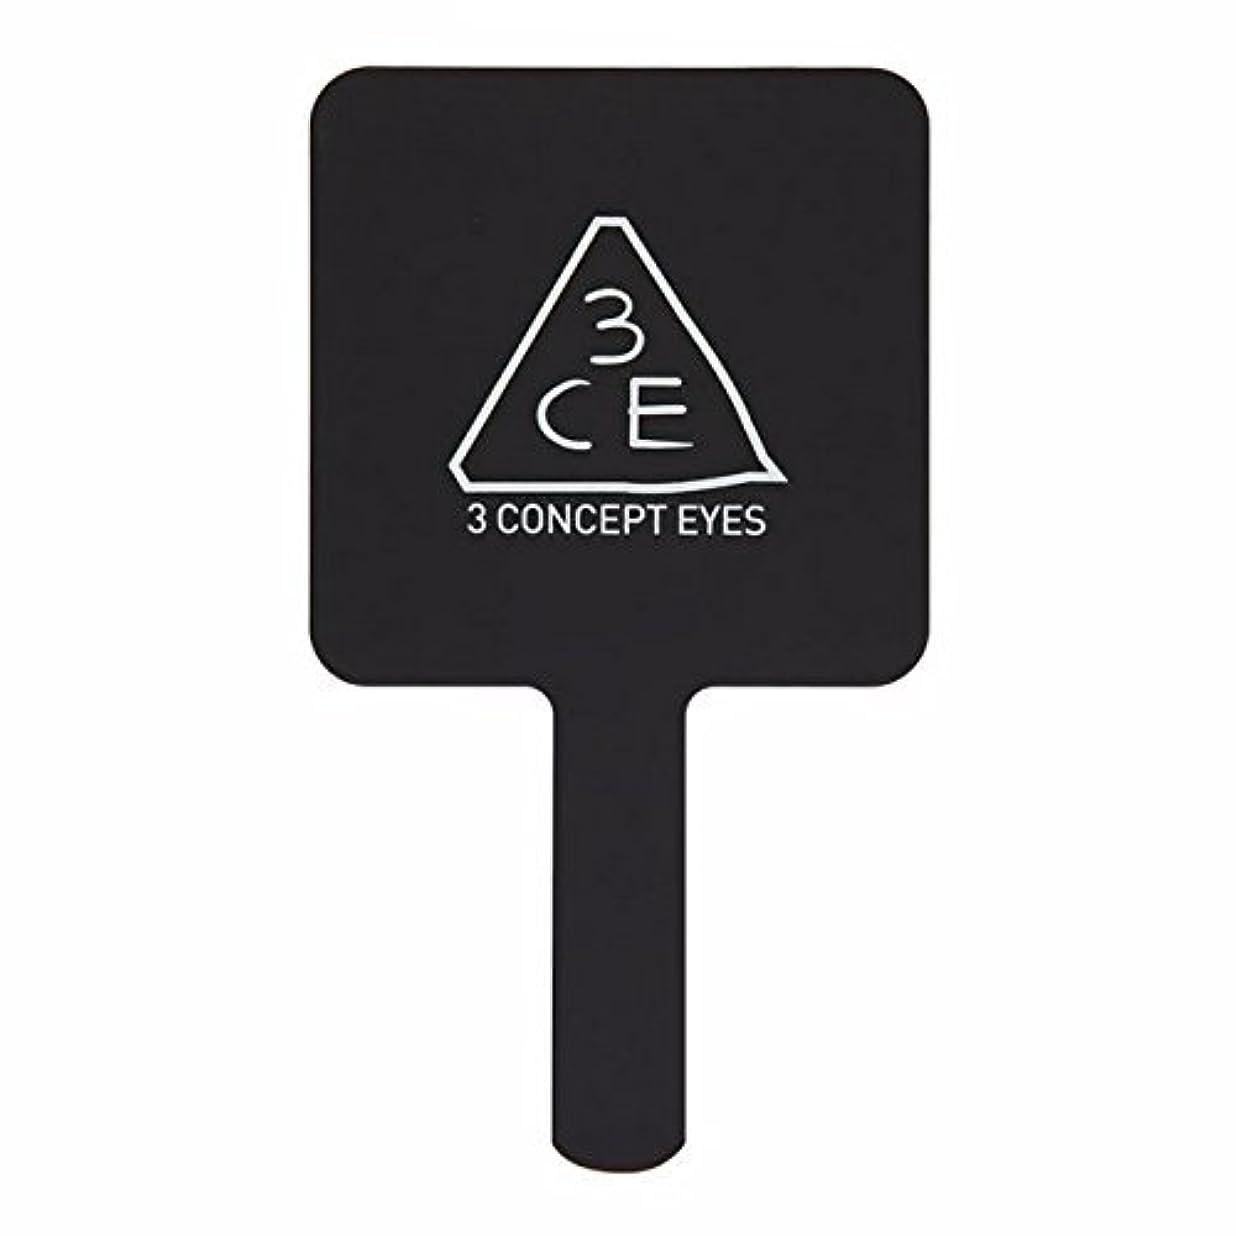 一般化する生産的使用法3CE ハンドミラー M ブラック 1個 (並行輸入品)